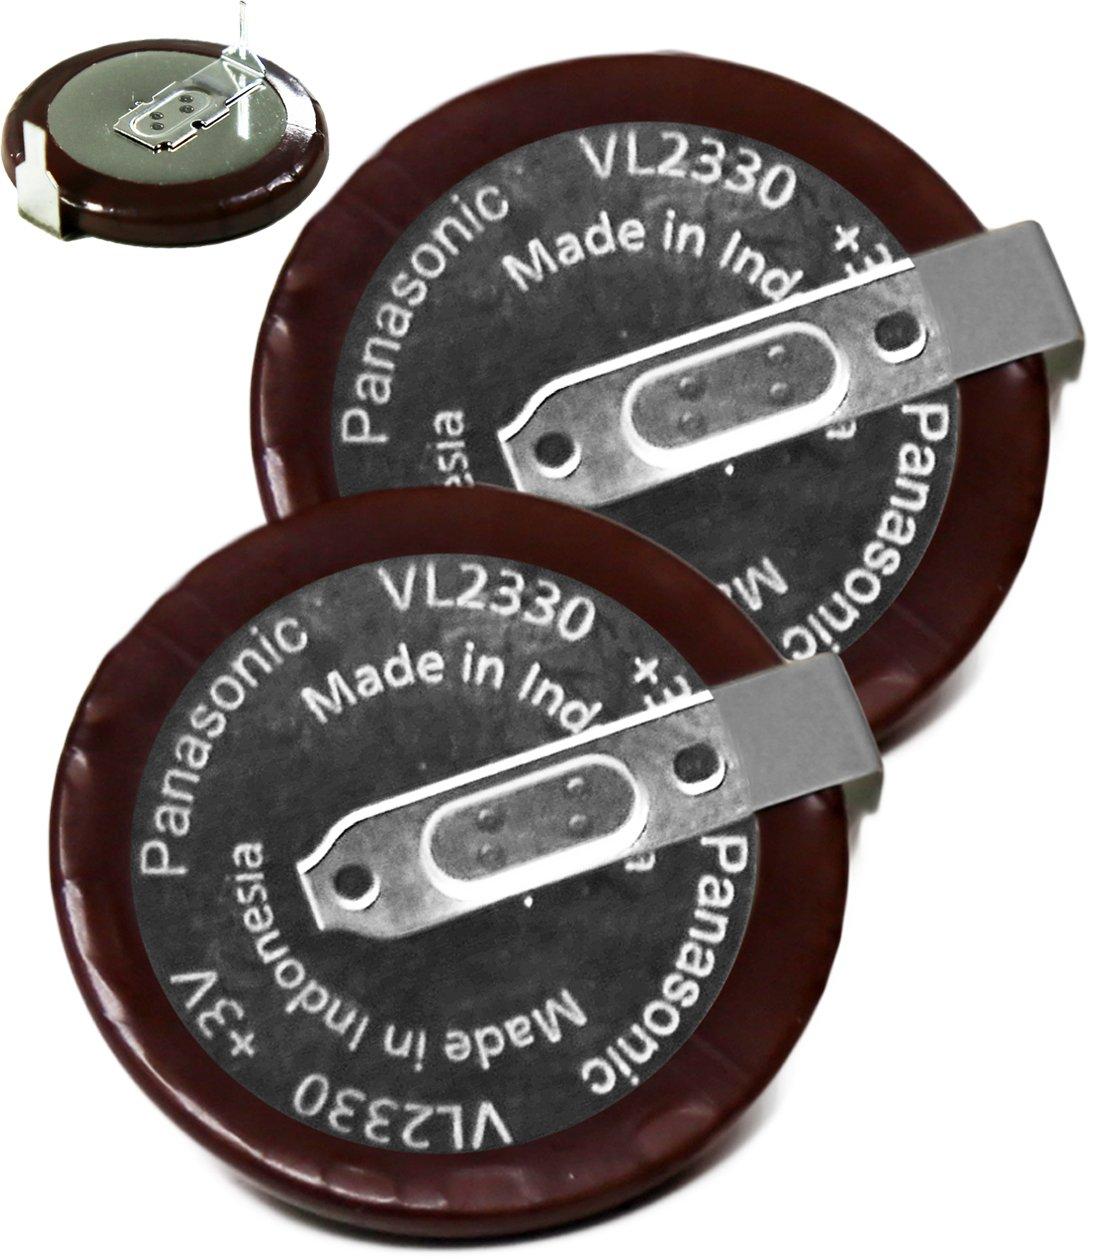 2PCS - Panasonic VL2330 Rechargeable, VL2330 - VL 2330, VL2330/HFN , 3V Lithium Coin Cell Battery …